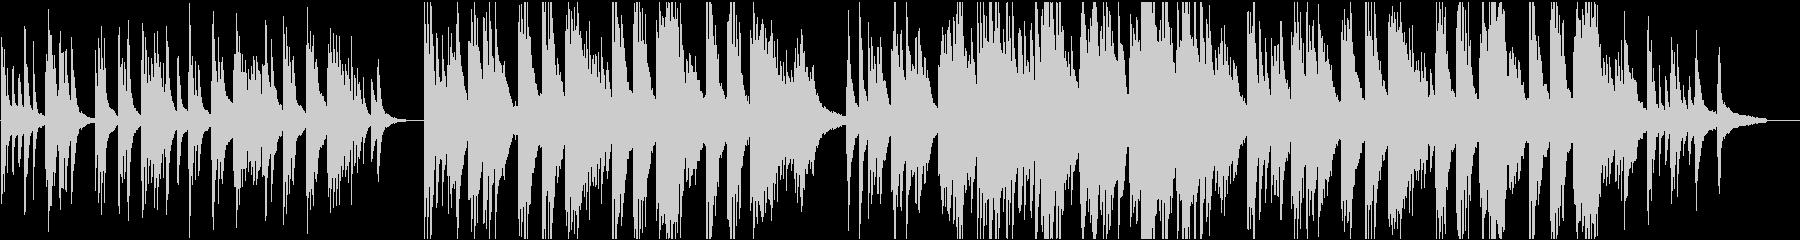 優しい 16bit44.1kHzVerの未再生の波形